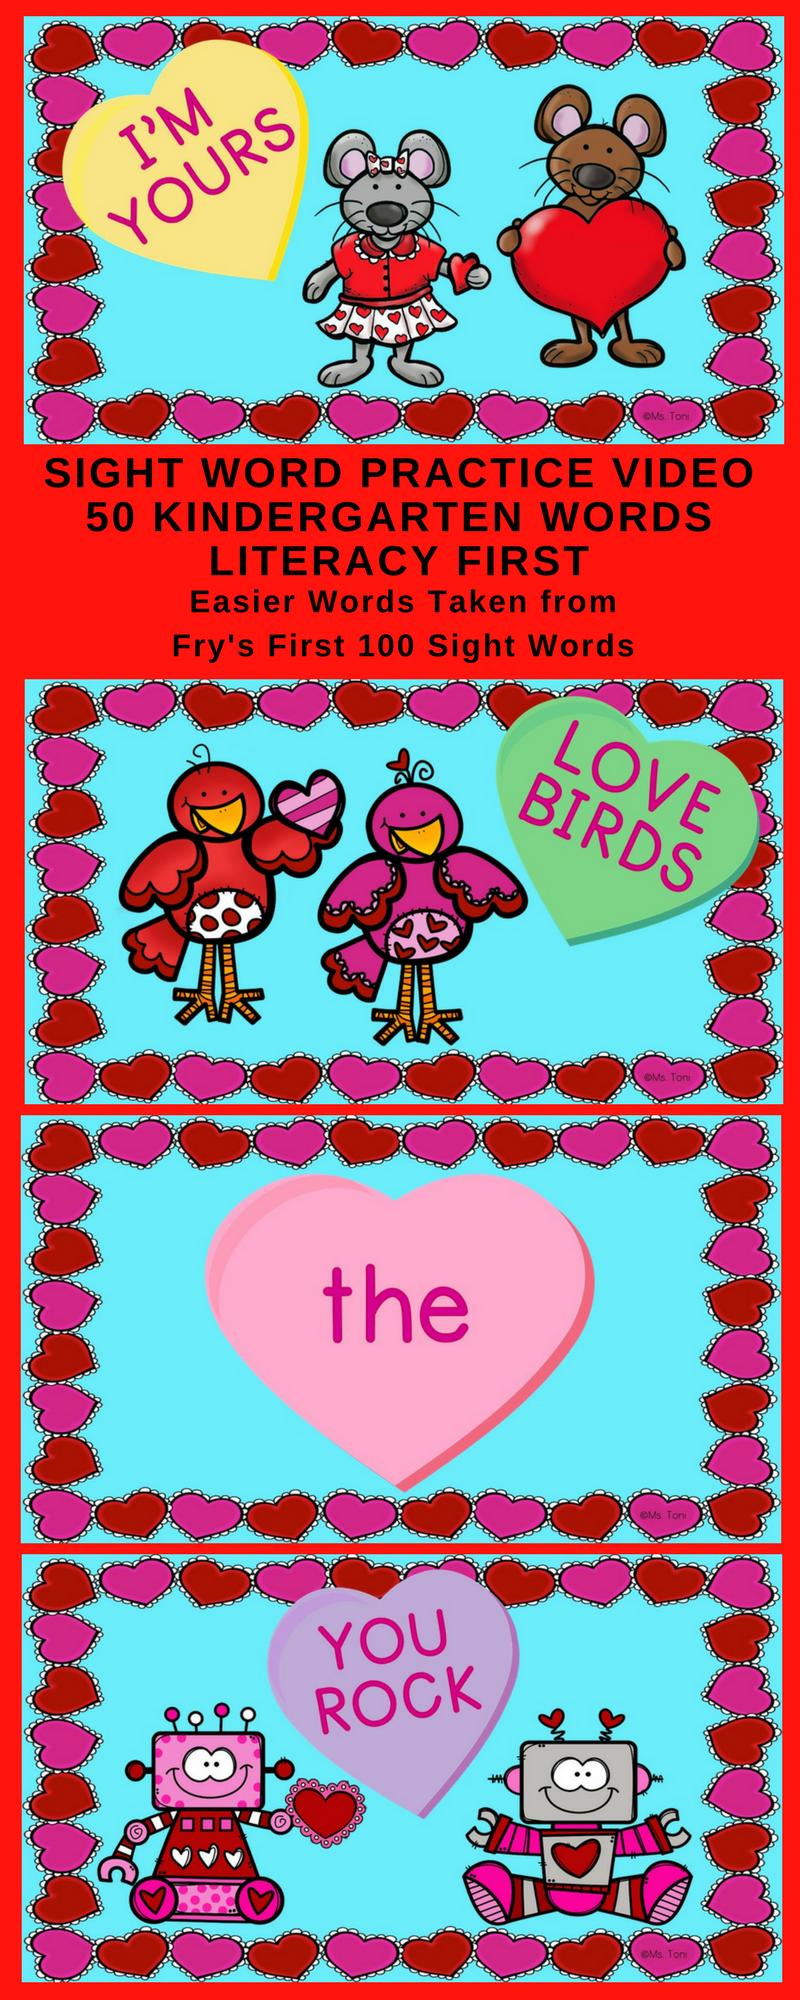 Sight Word Video & Slideshow Kindergarten 50 Words Literacy First